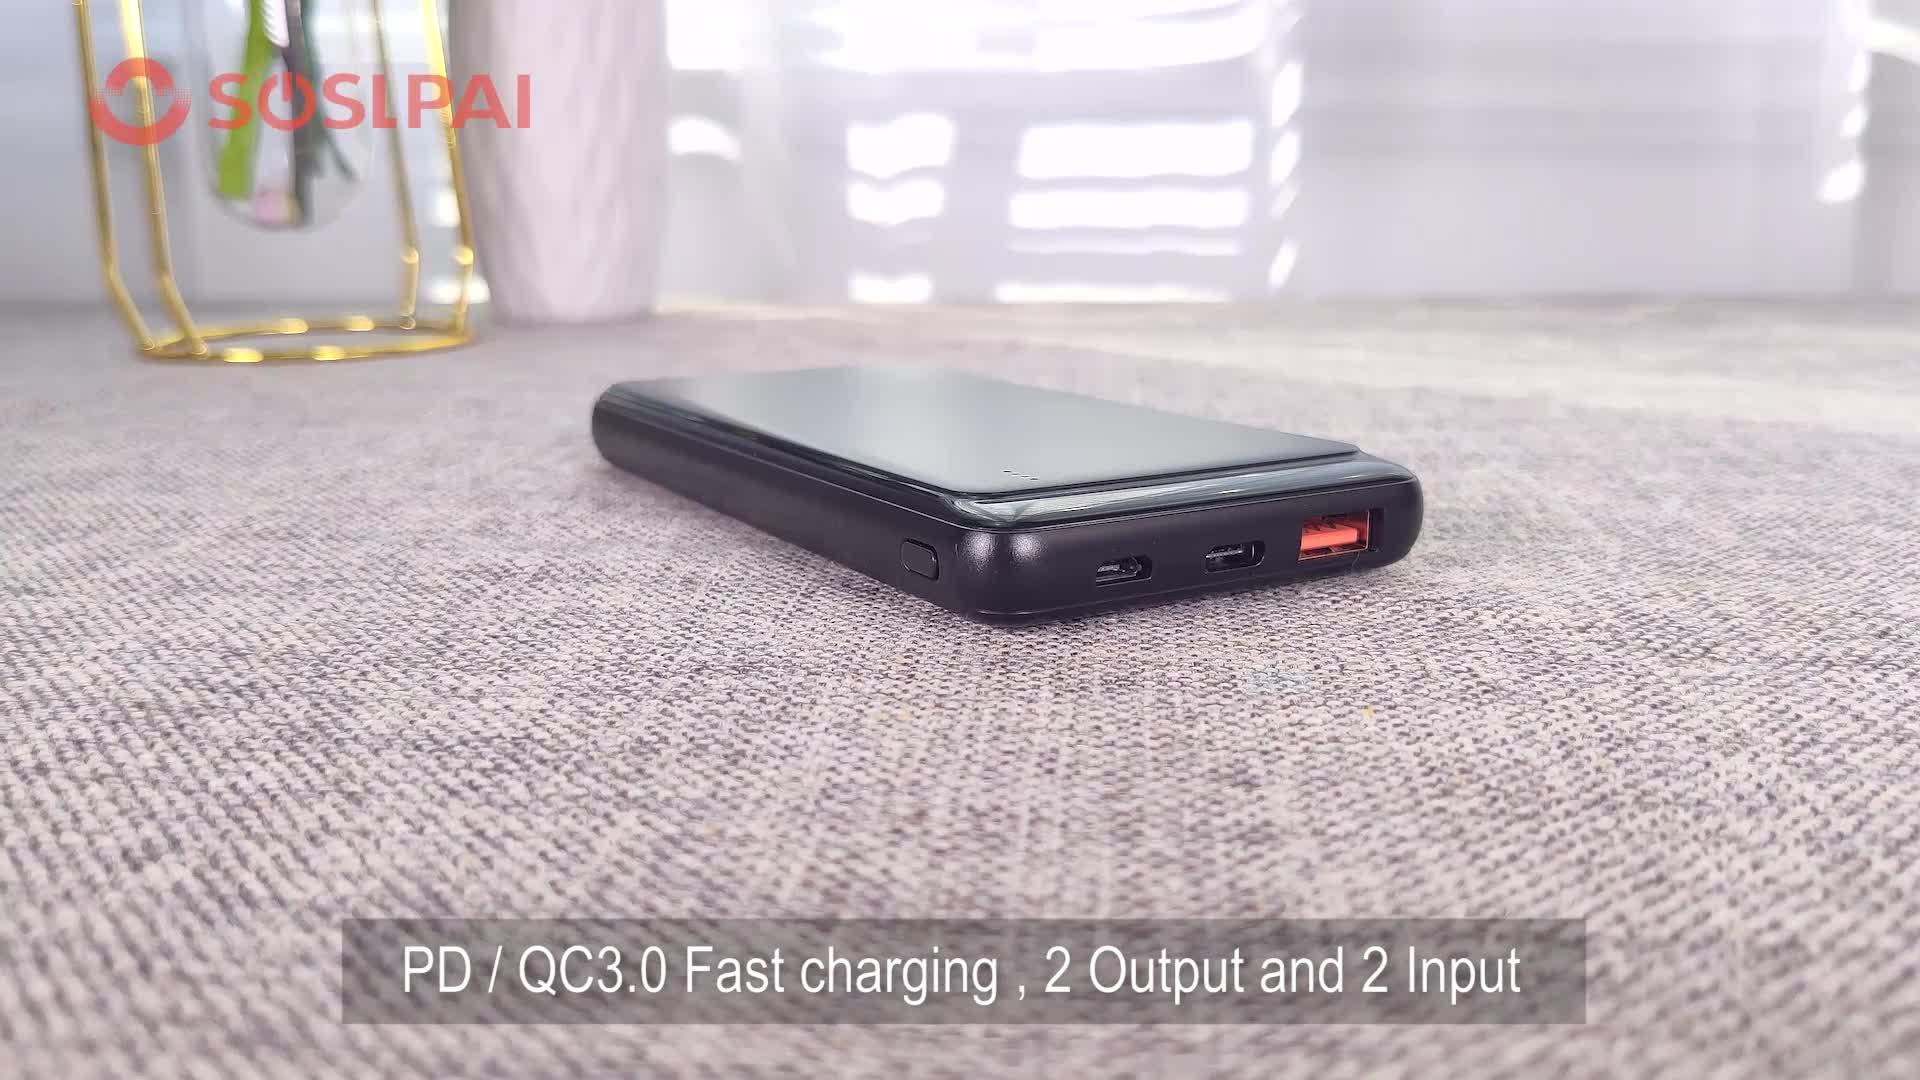 2019 Produk Baru Li-Polymer Baterai Ponsel Smart Power Bank 10000 MAh Portable Desain Slim Mobile Charger Power bank